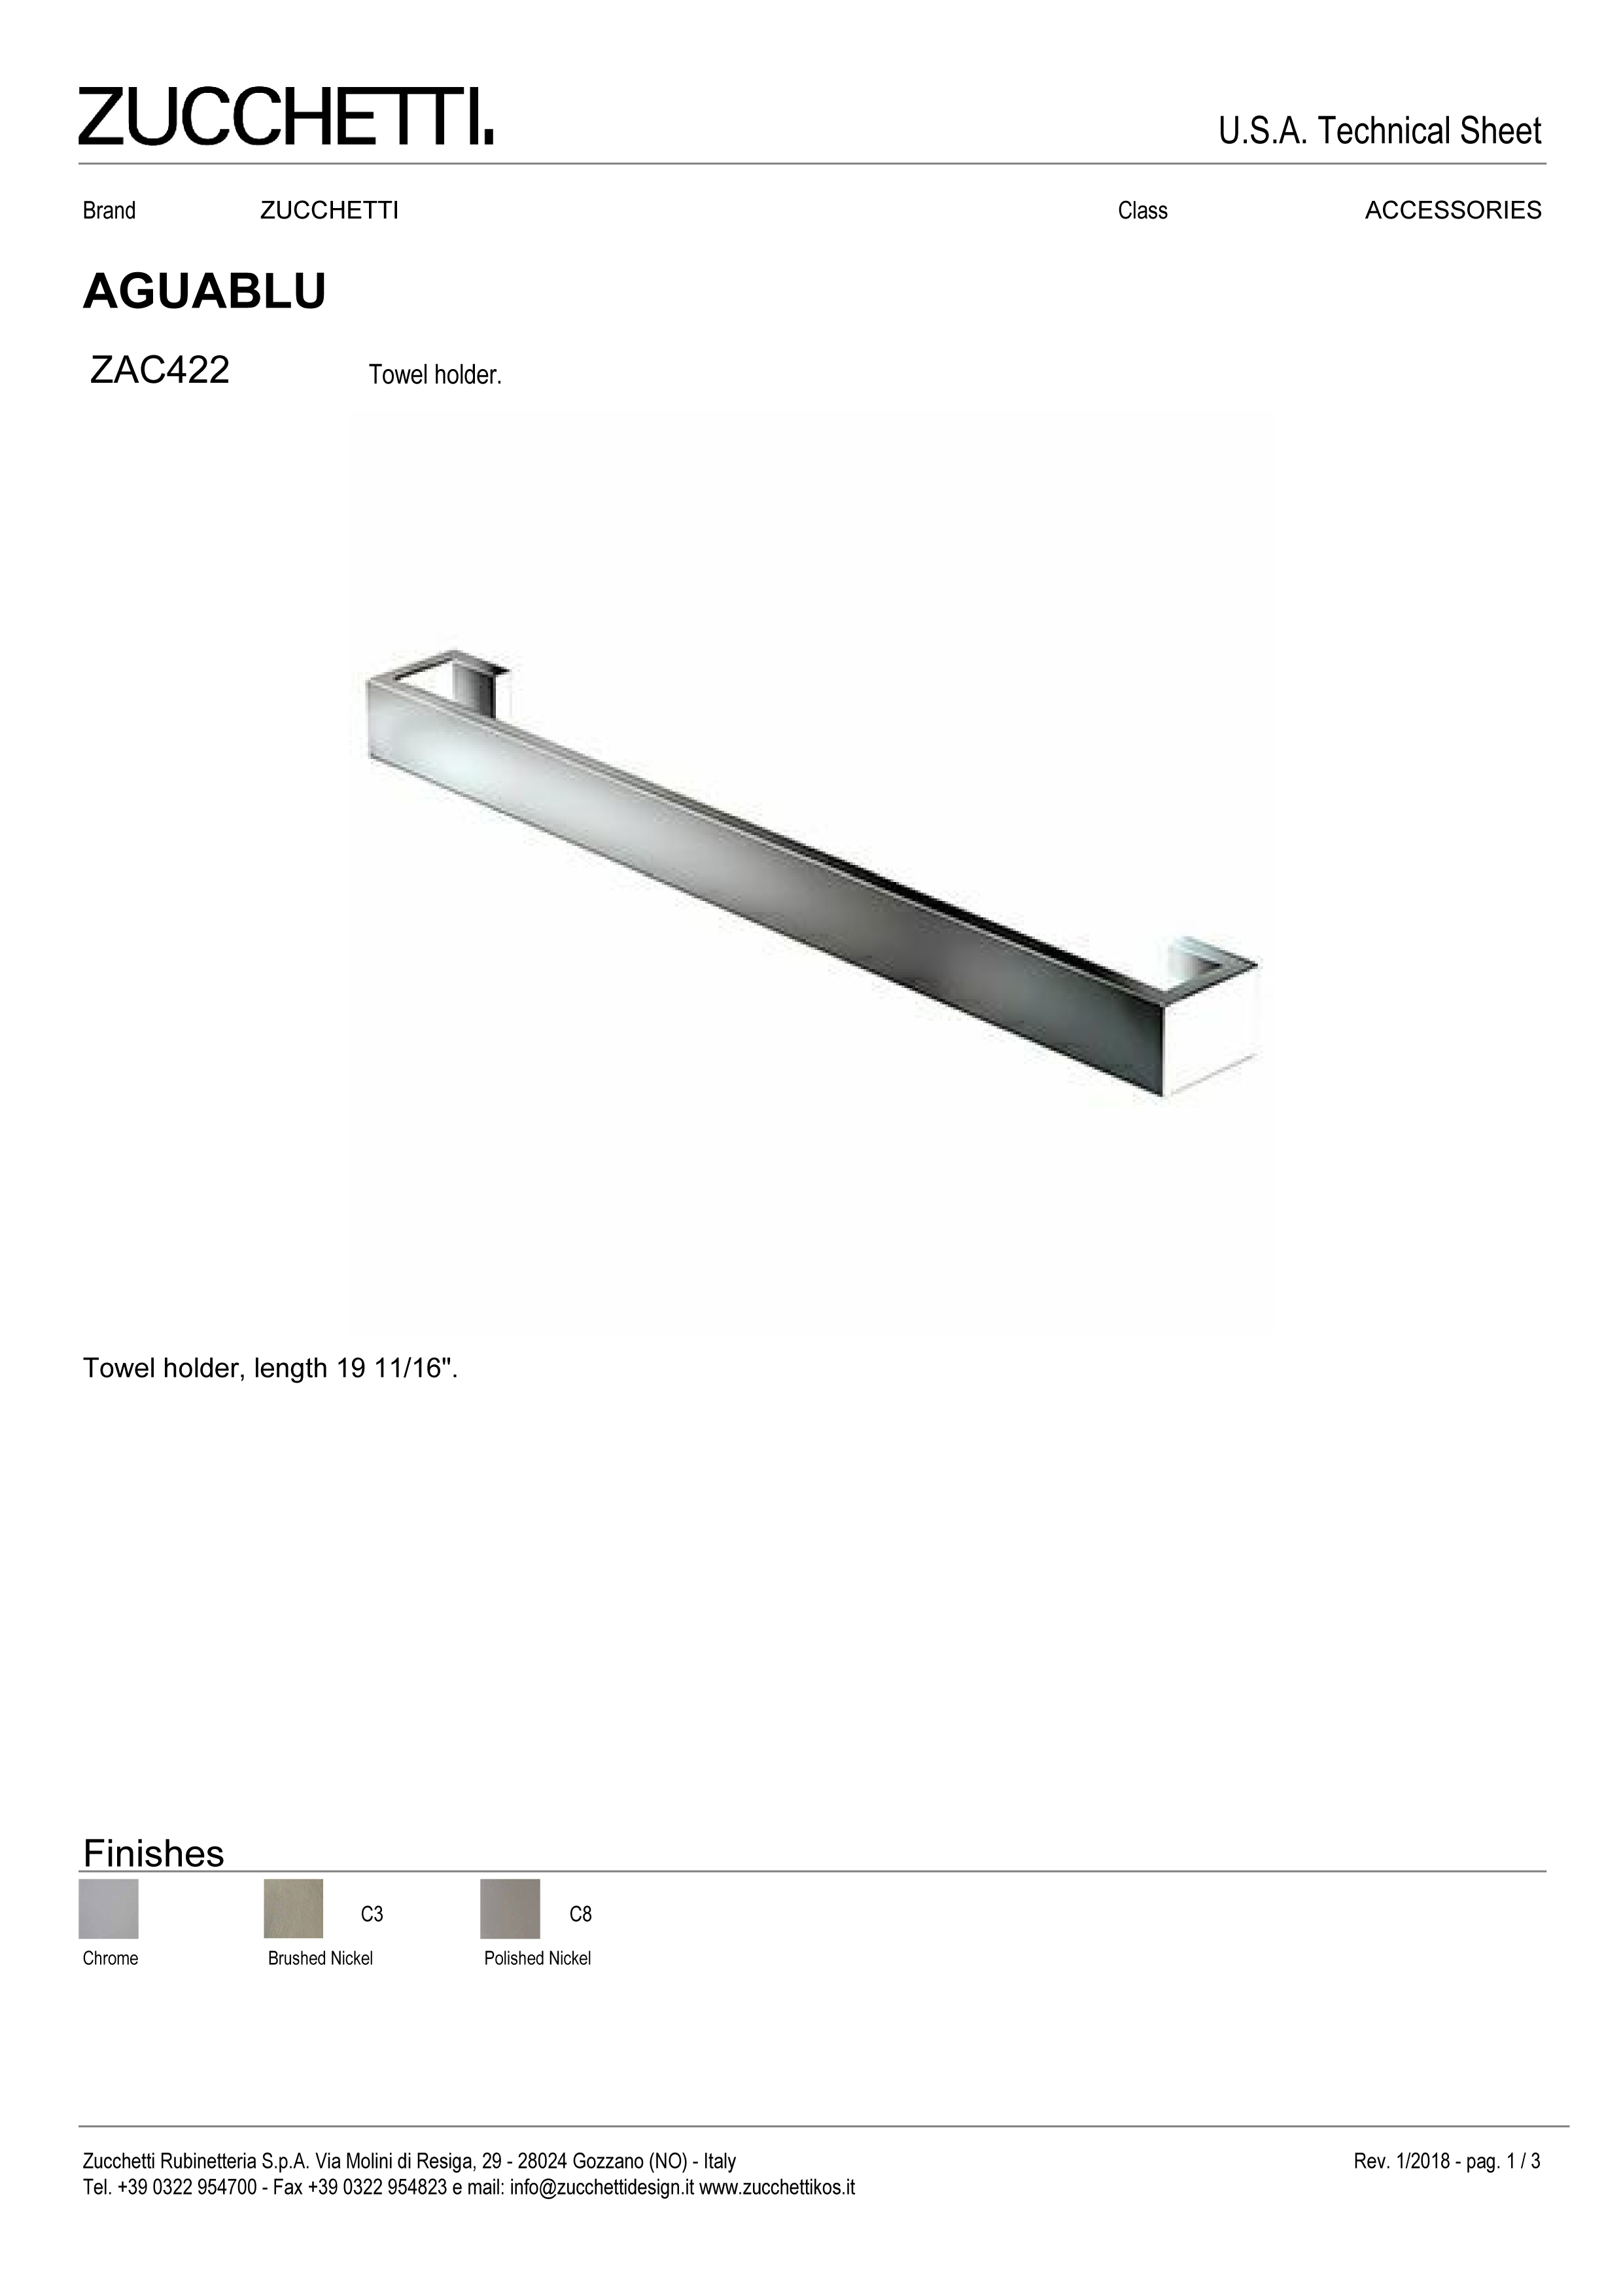 Zuchetti Aquablu towel rail, 50 w x 6,5 projection x 4cm tall, PC, BN-1.jpg